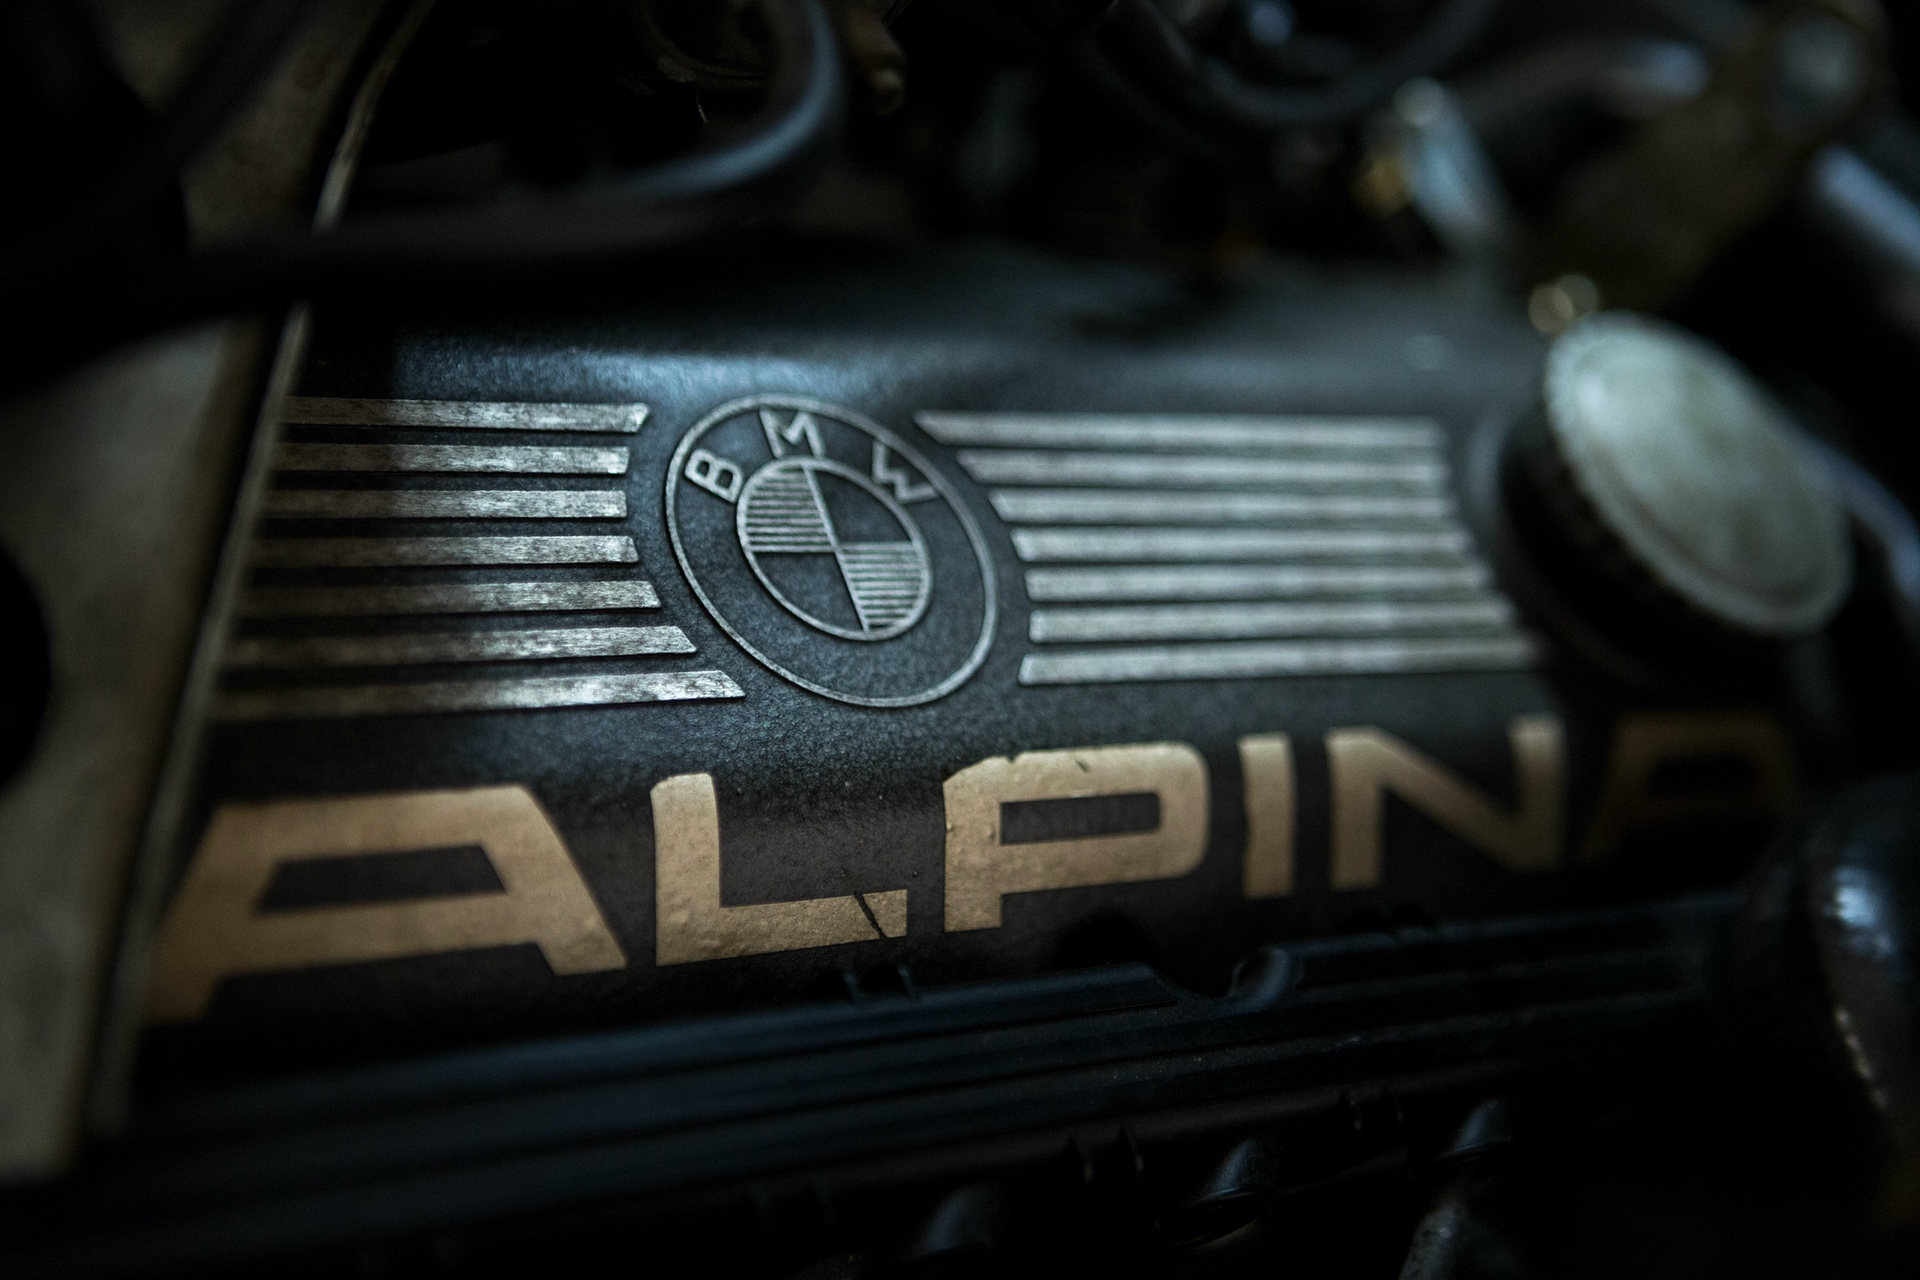 Alpina_C2_2.5_0016